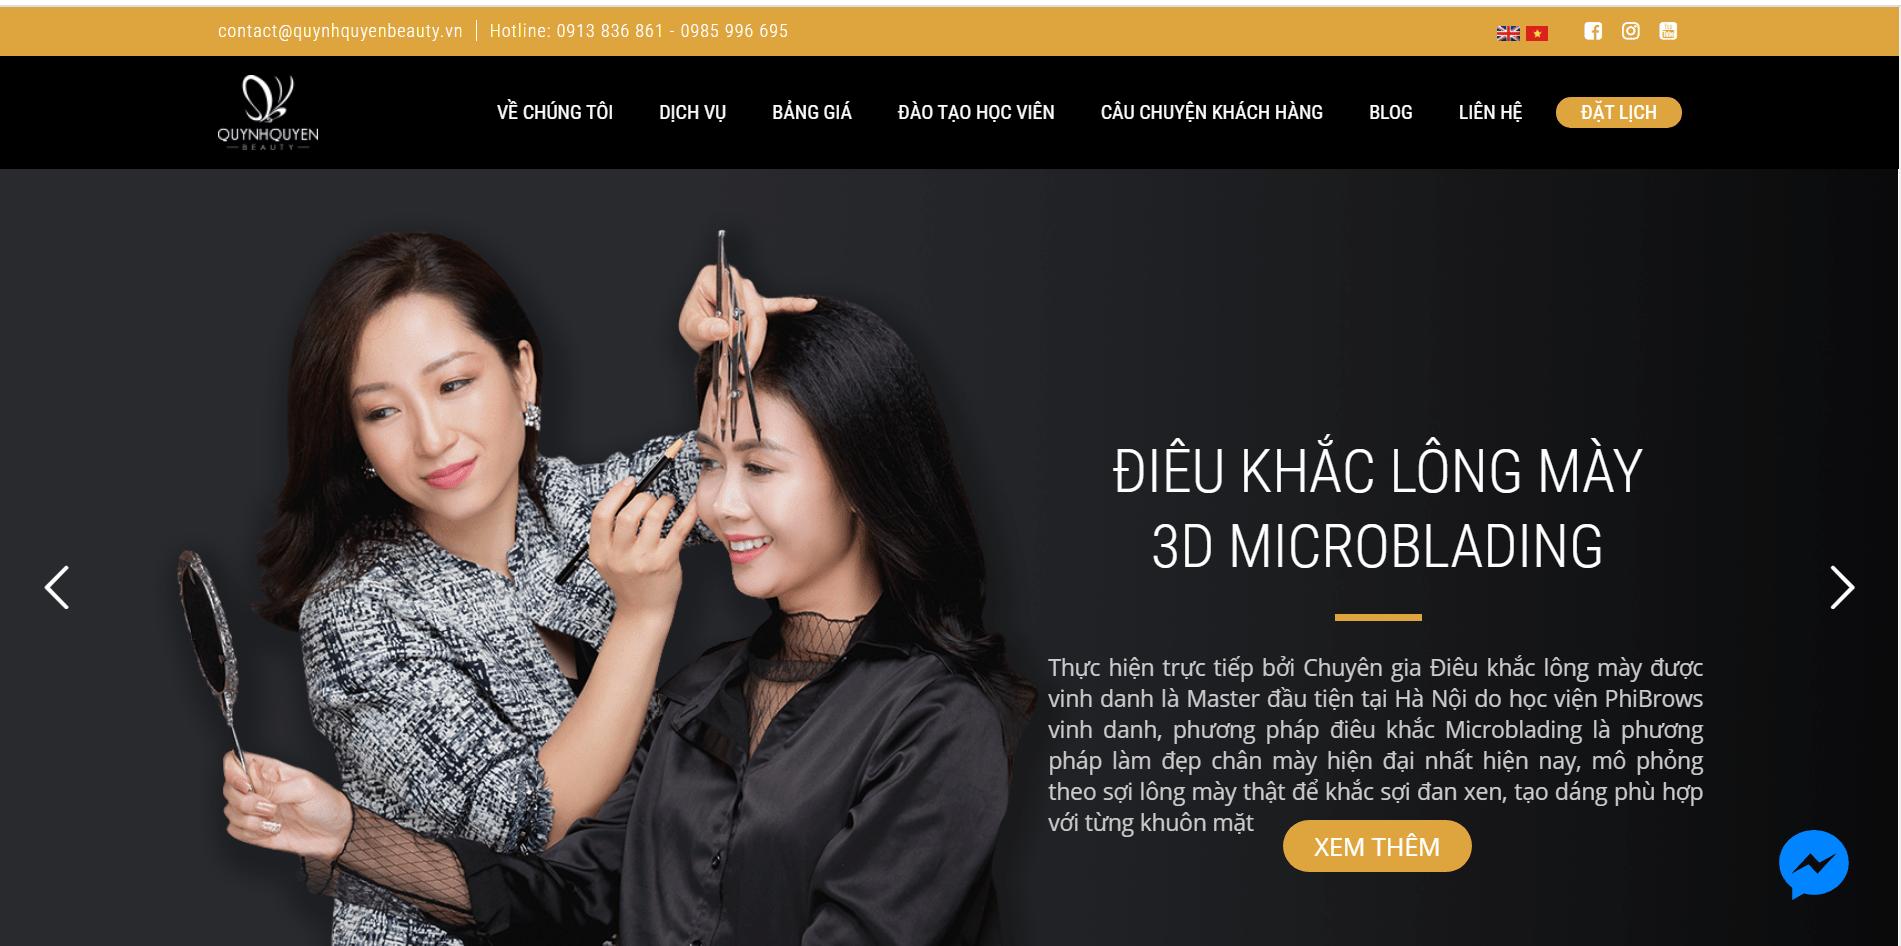 Quỳnh Quyên Beauty Hà Nội